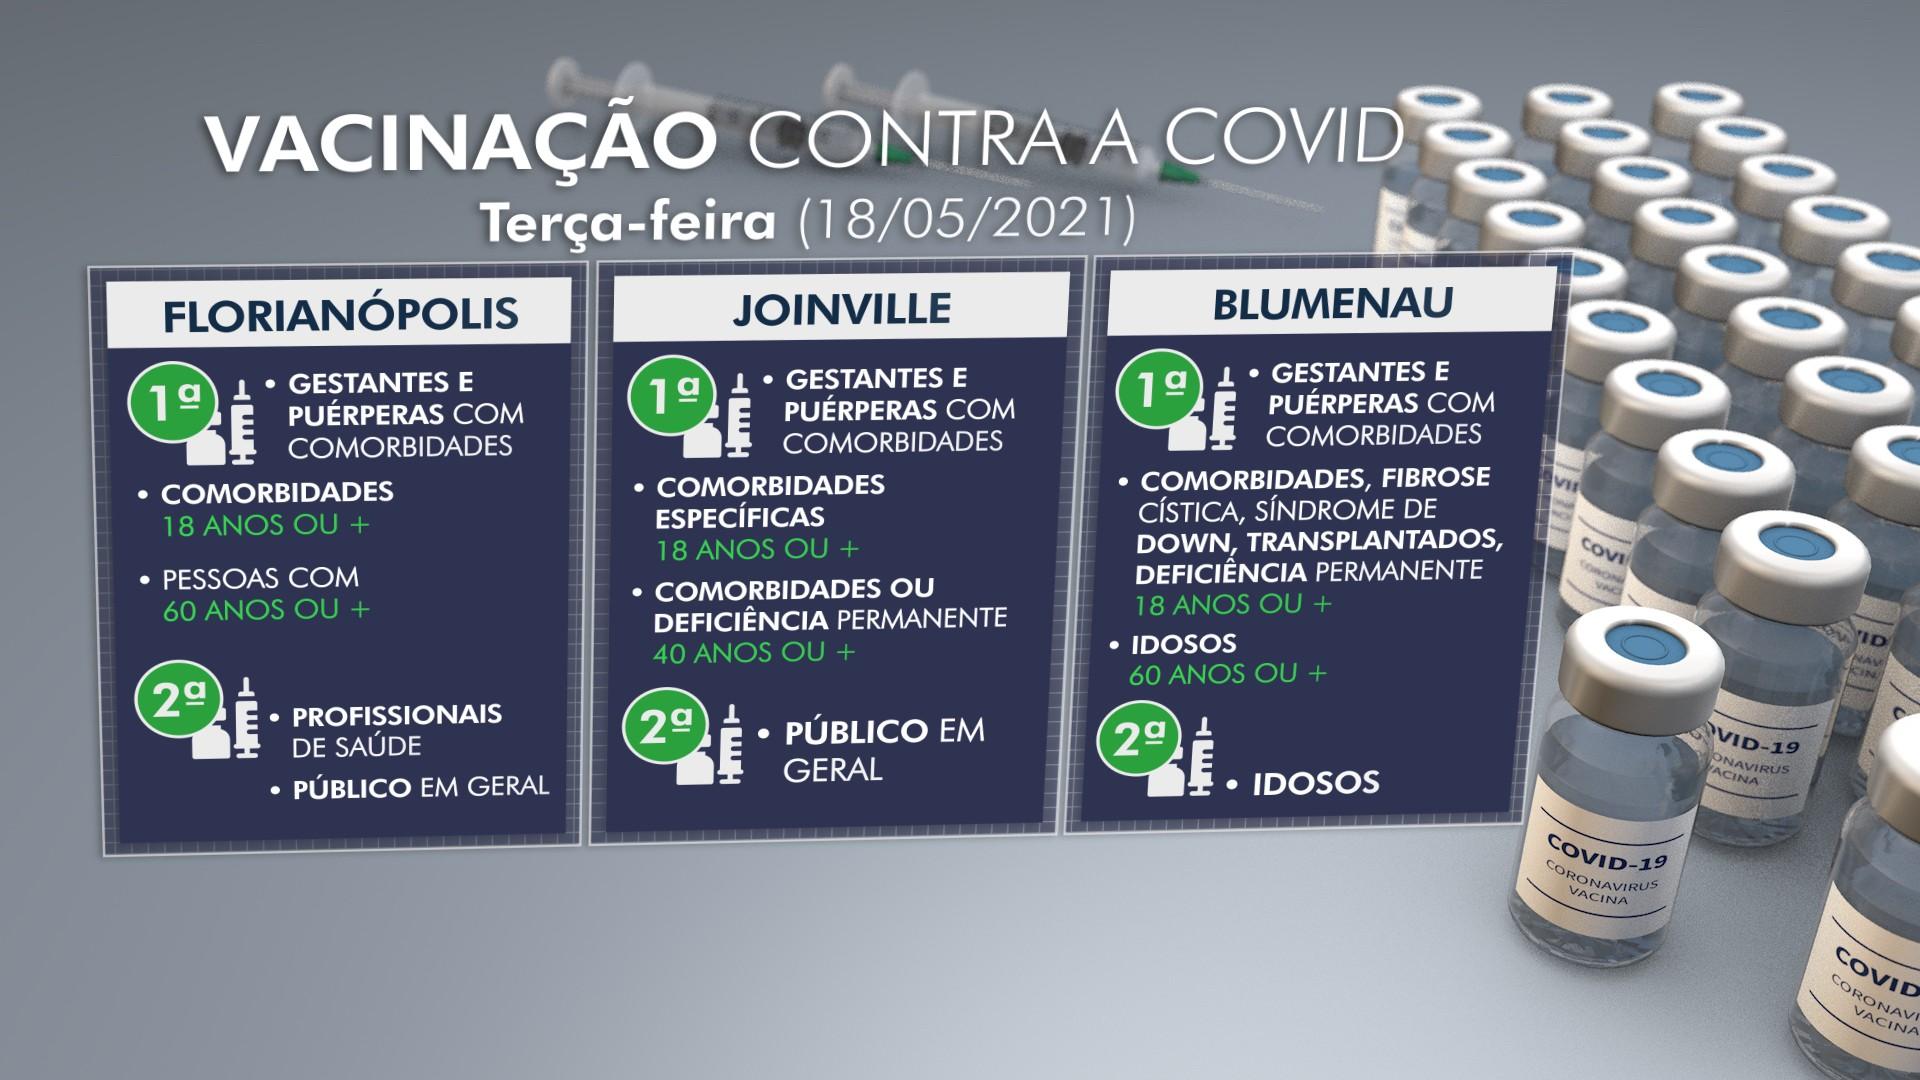 Vacina contra Covid em cidades de SC: veja quem pode ser imunizado nesta terça, 18 de maio